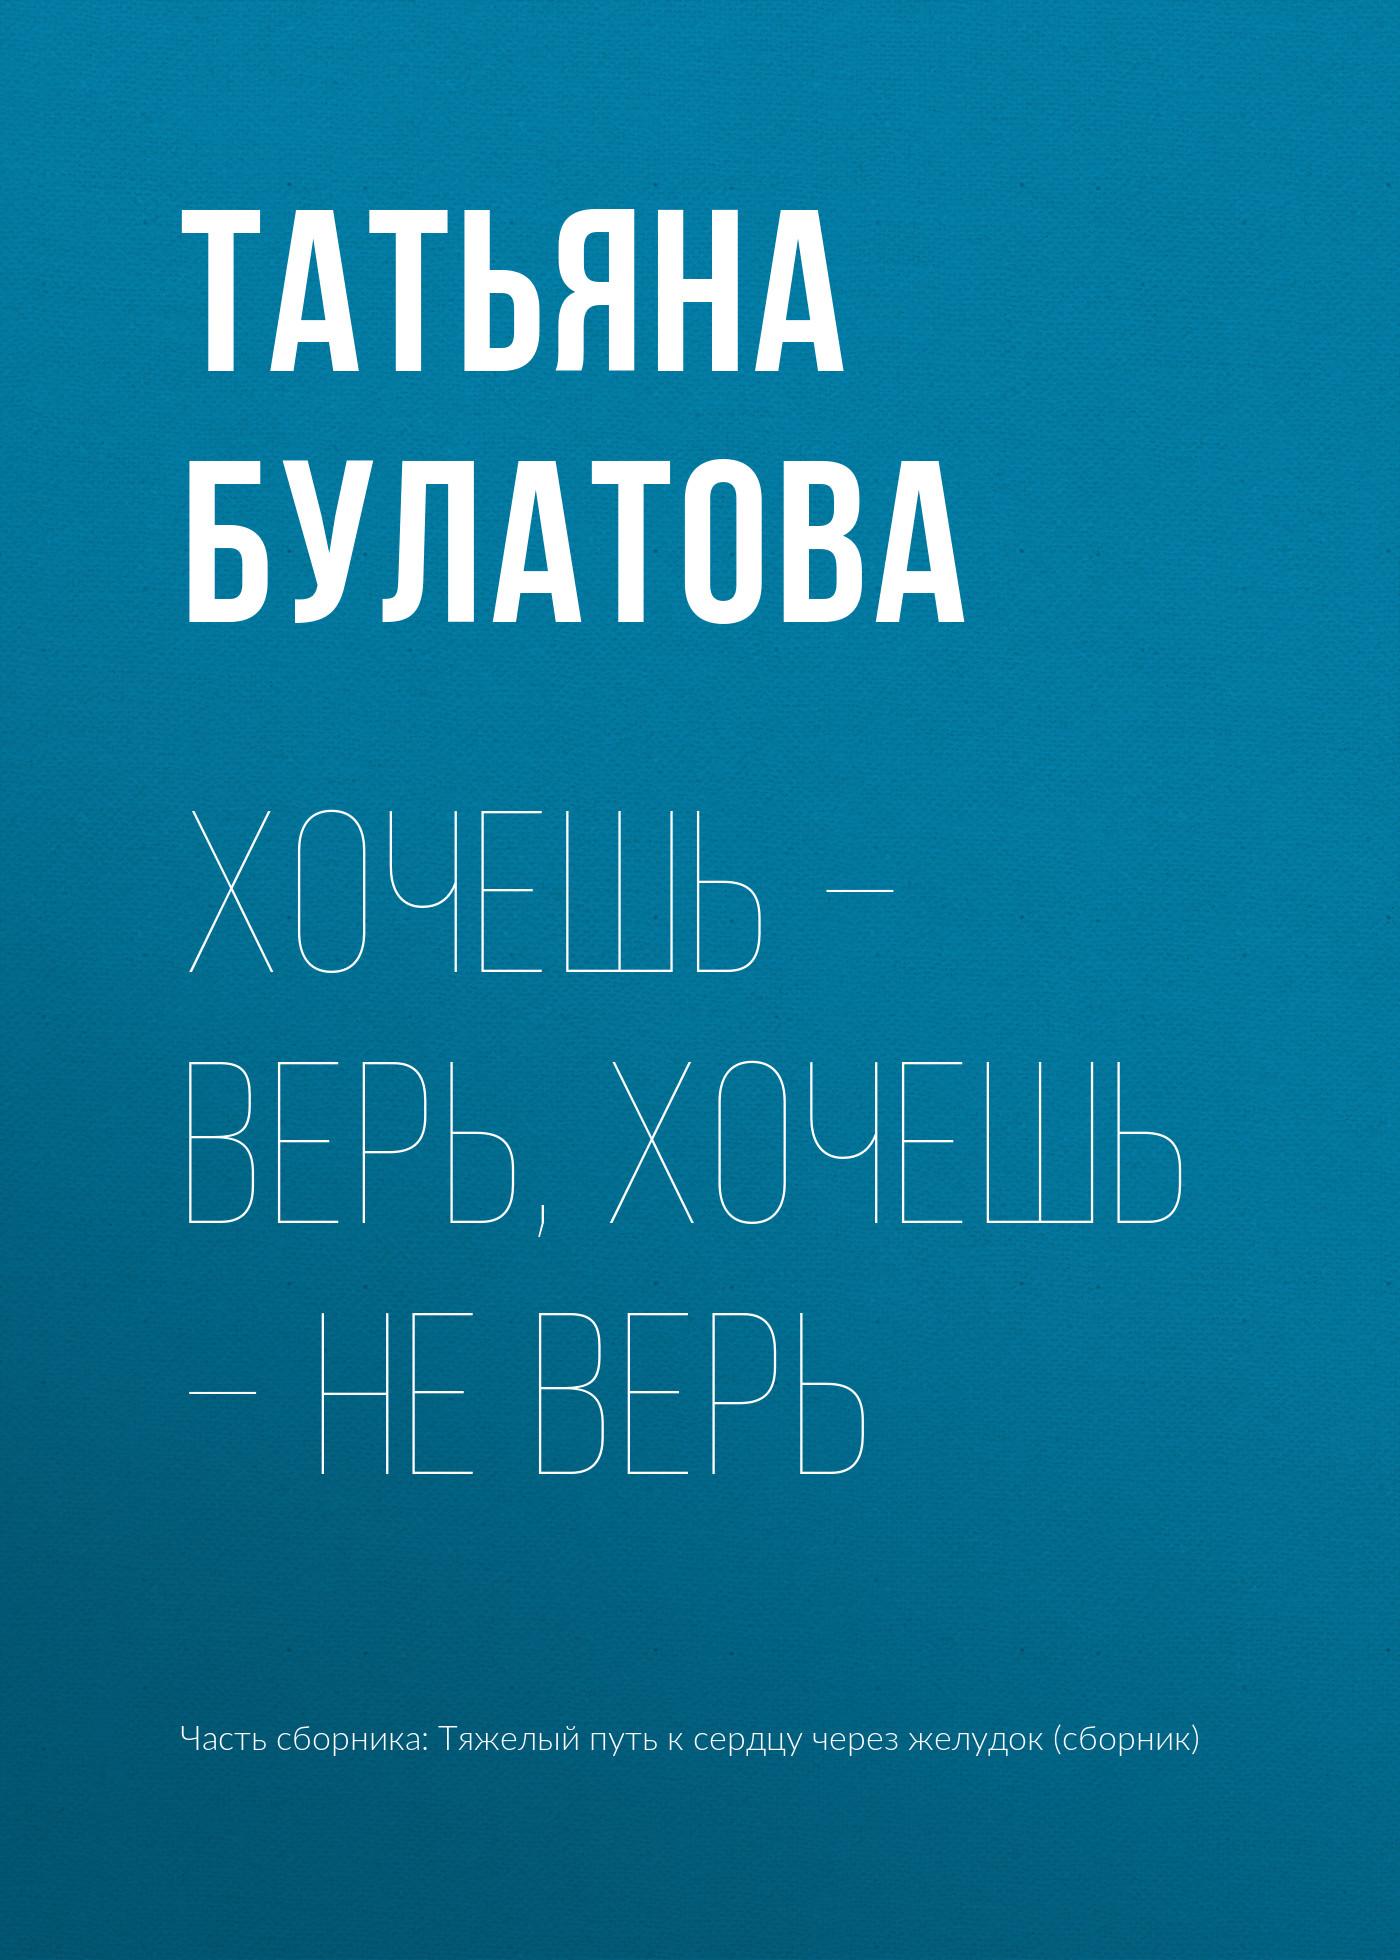 Татьяна Булатова Хочешь – верь, хочешь – не верь автор не указан александр кайдановский в воспоминаниях и фотографиях